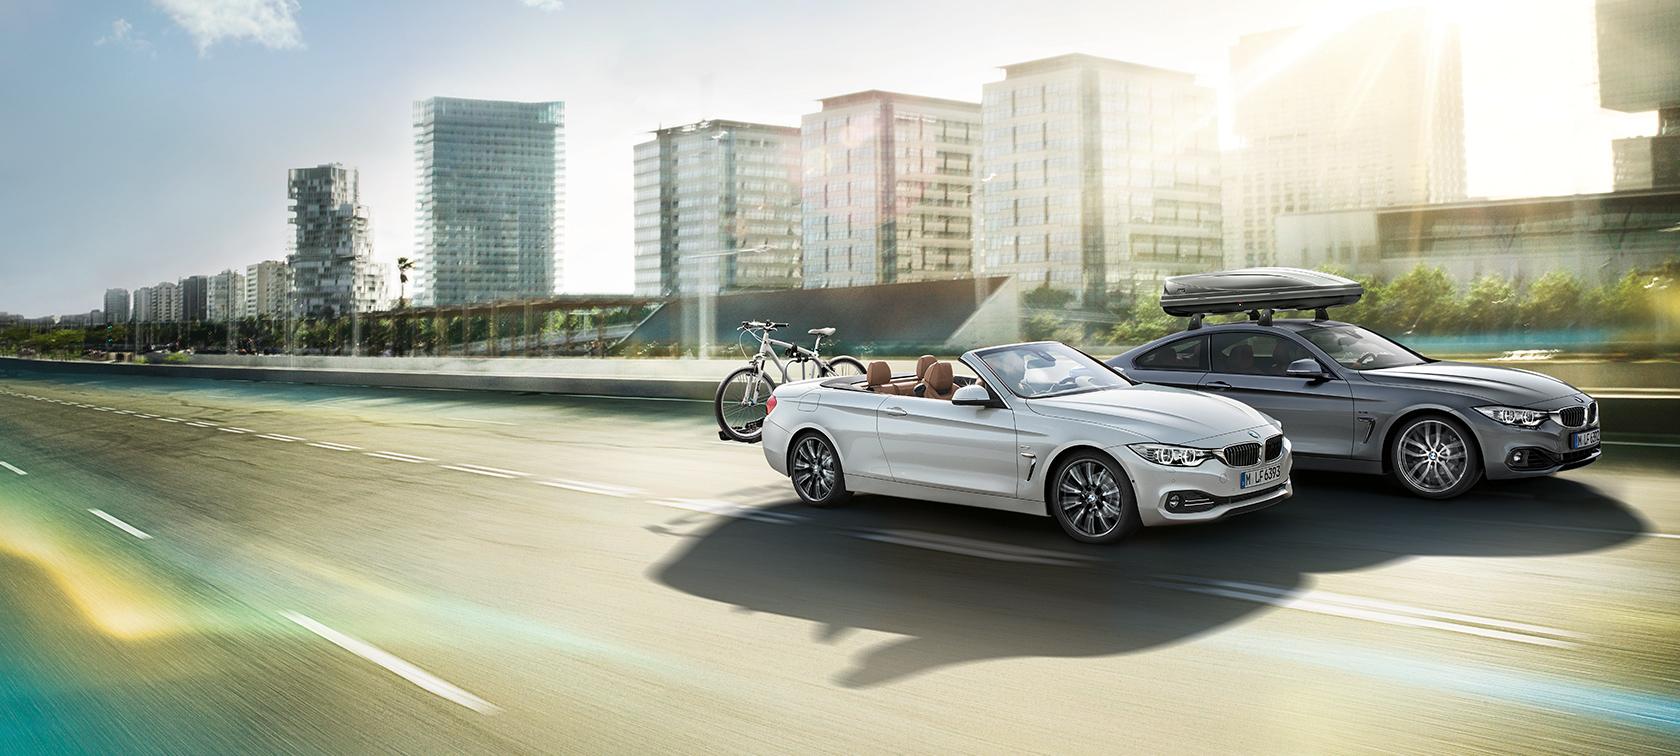 Fit BMW New 3 SERIES Sedan 2019 2020 Rear View Mirror Guard Cover Trims Matt